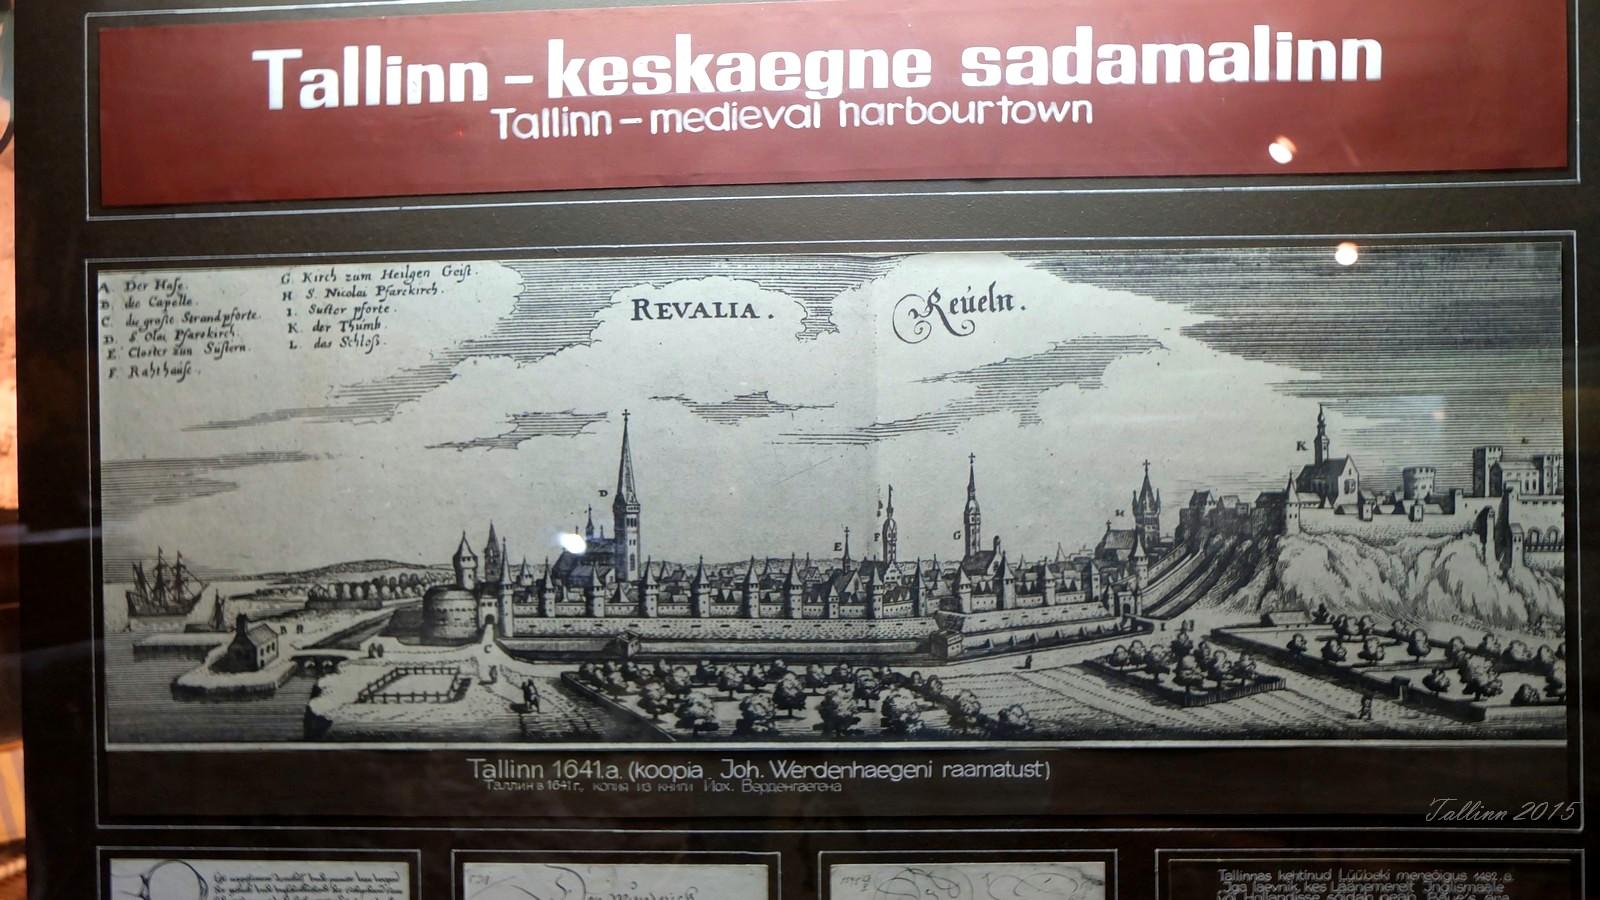 Fat Margarita, Eesti Meremuuseum, Tallinn, Eesti